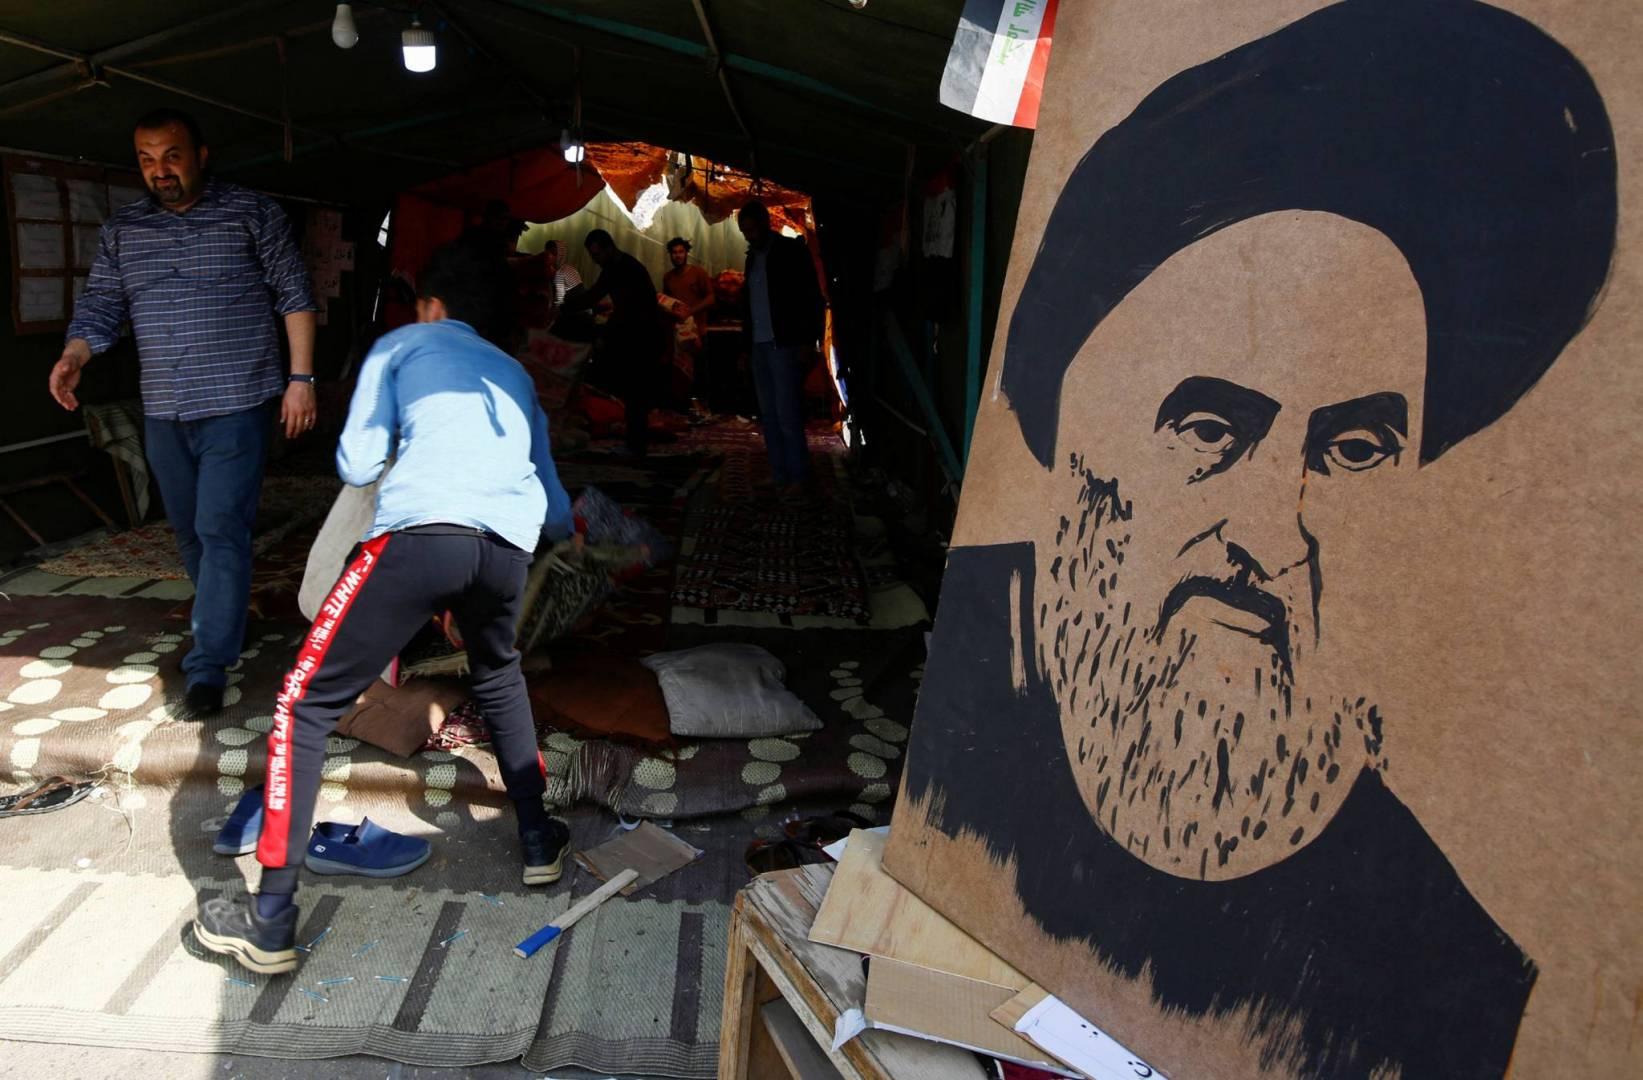 متظاهرون قرب ملصق للسيستاني خارج خيمة اعتصام في النجف   رويترز